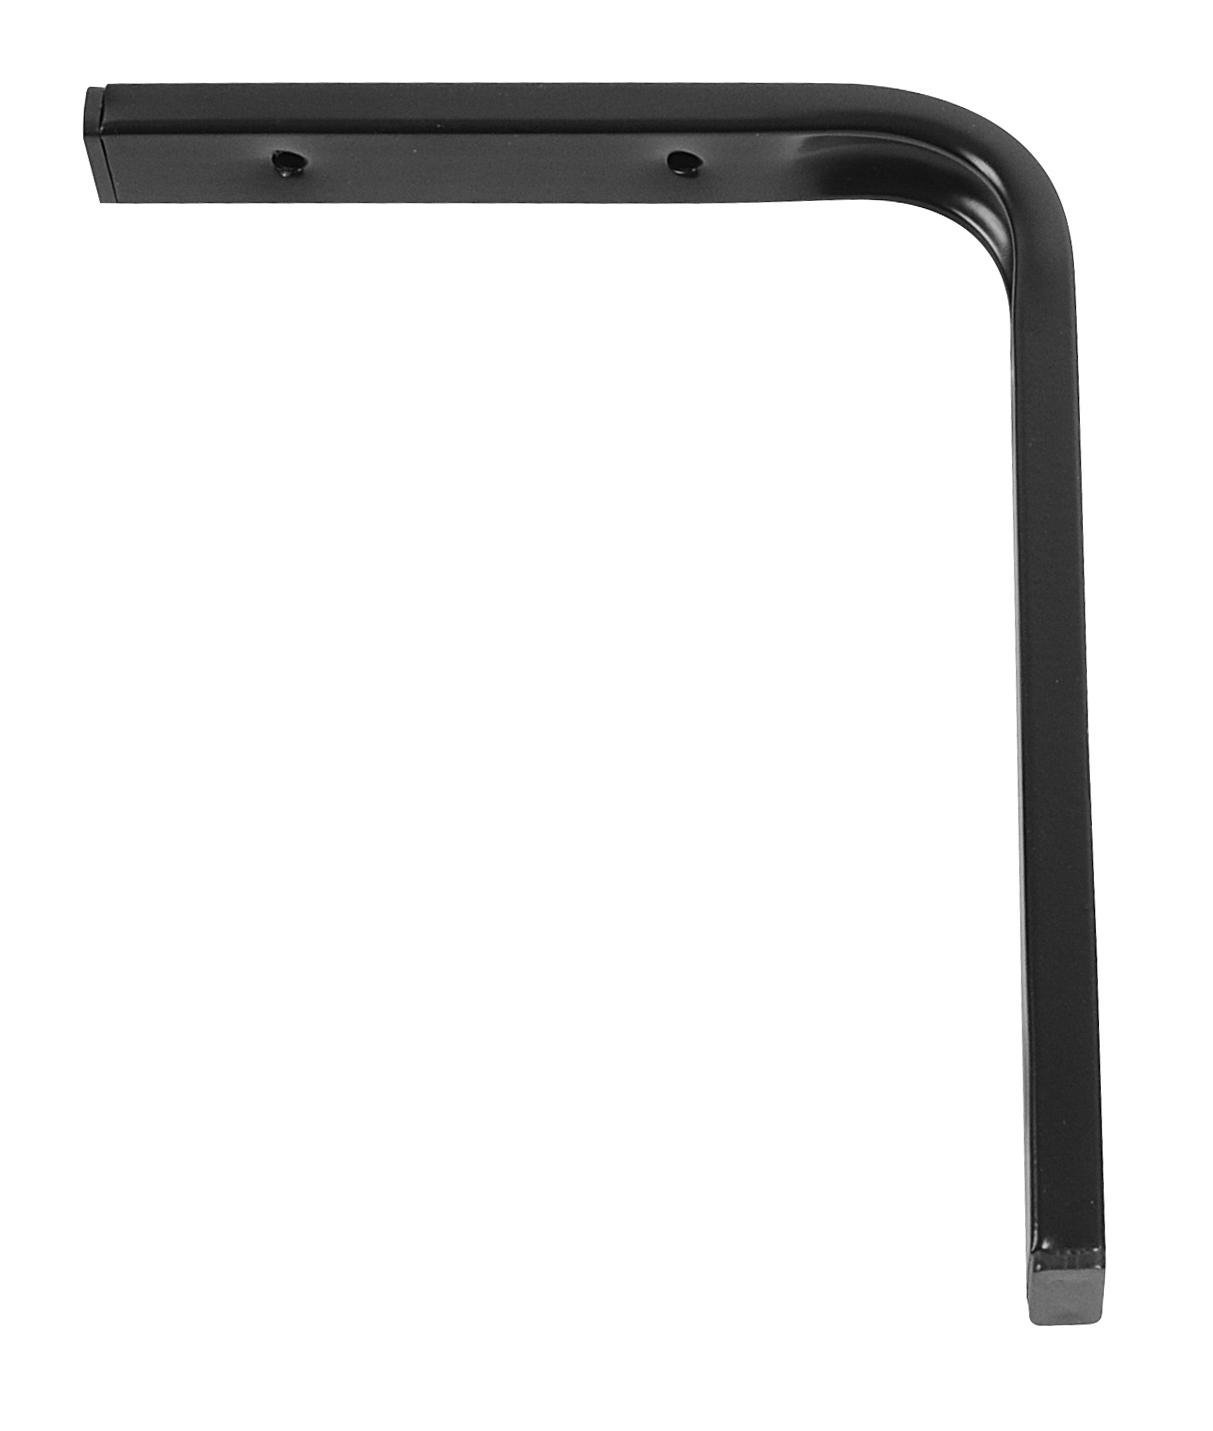 Hyldeknægt F-profil 150x200 mm. - sort